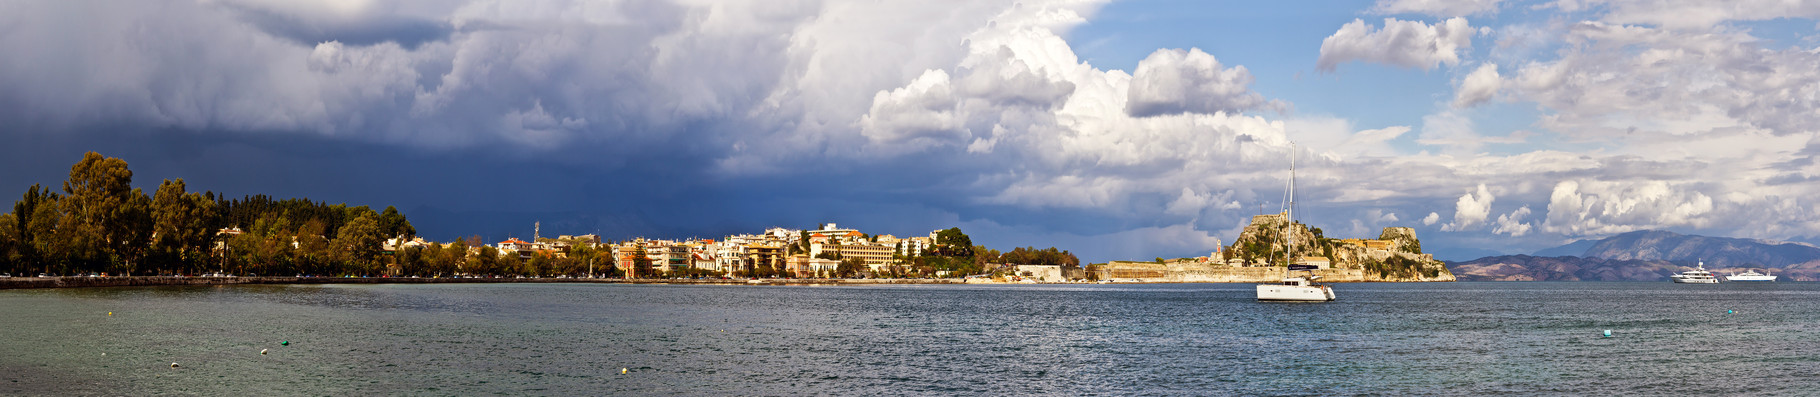 Kurz vor dem Gewitter - Korfu Stadt - Griechenland